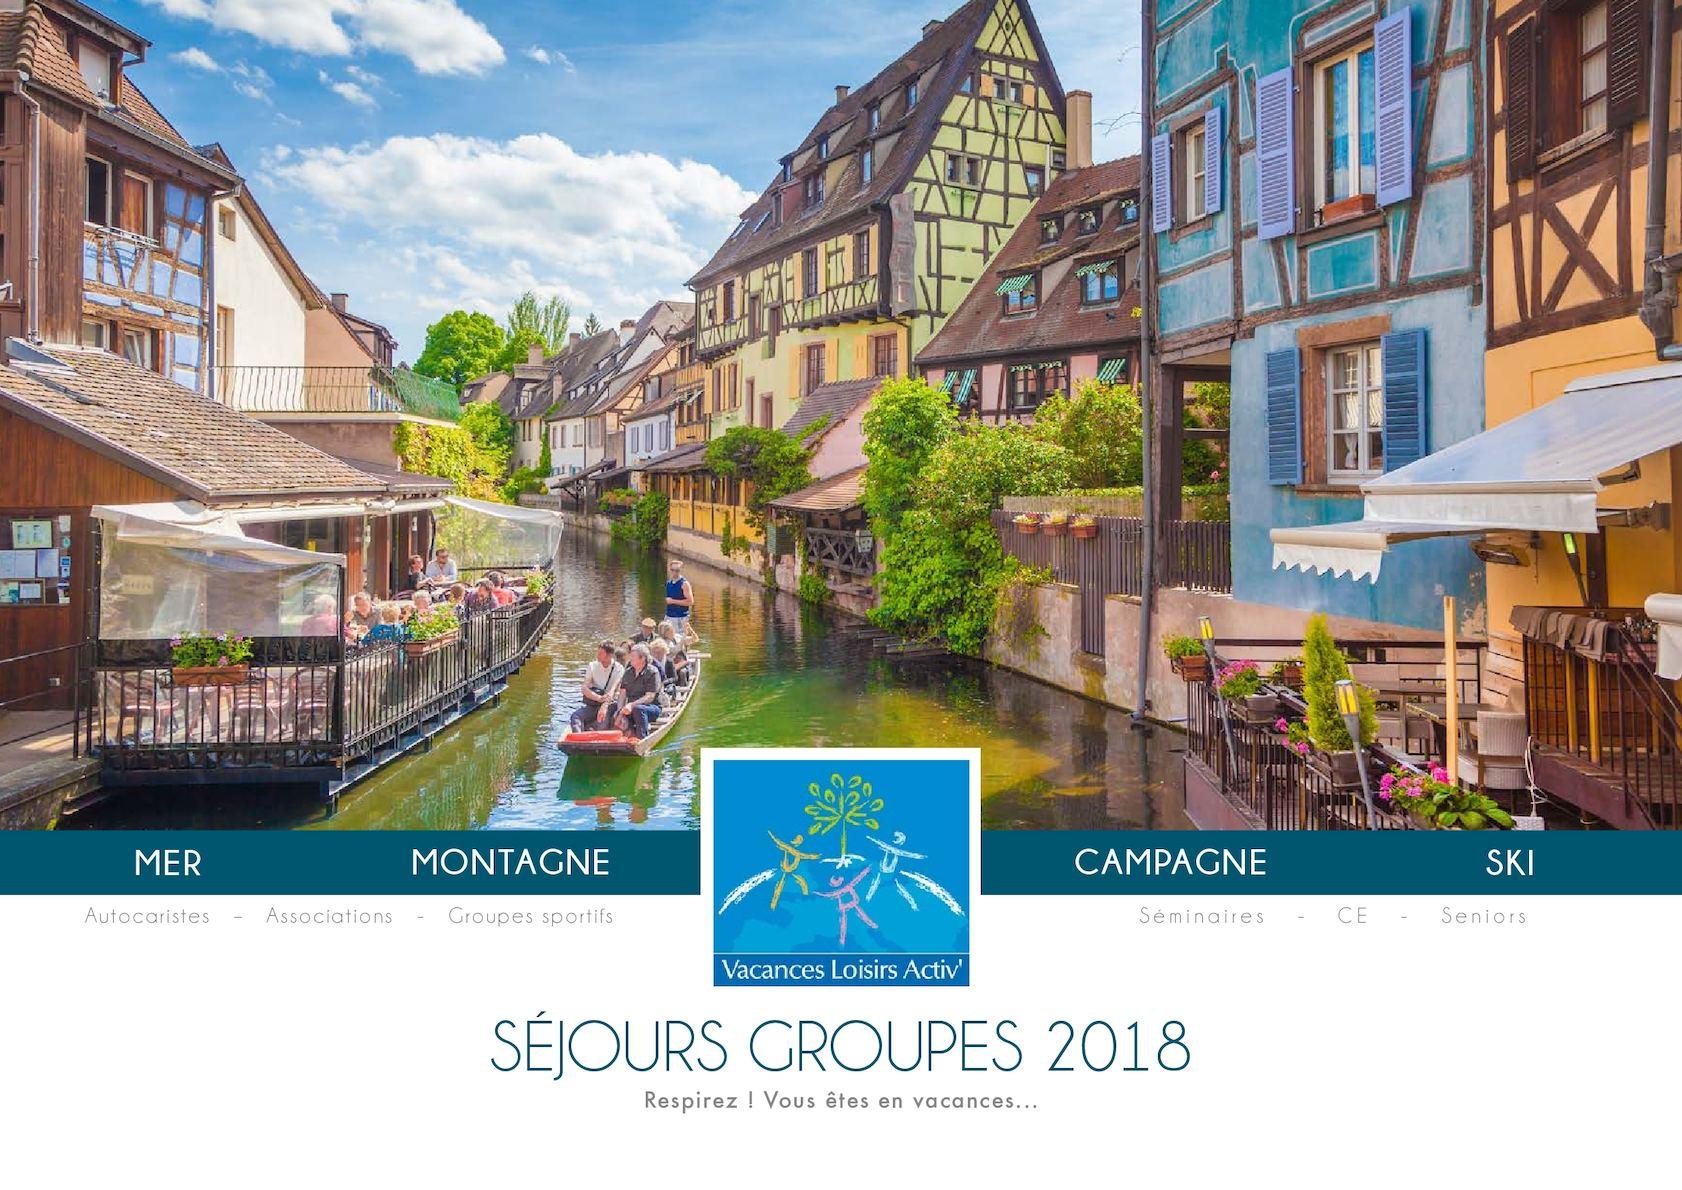 Calam o vacances loisirs activ 39 s jours groupes 2018 - Office du tourisme thollon les memises ...